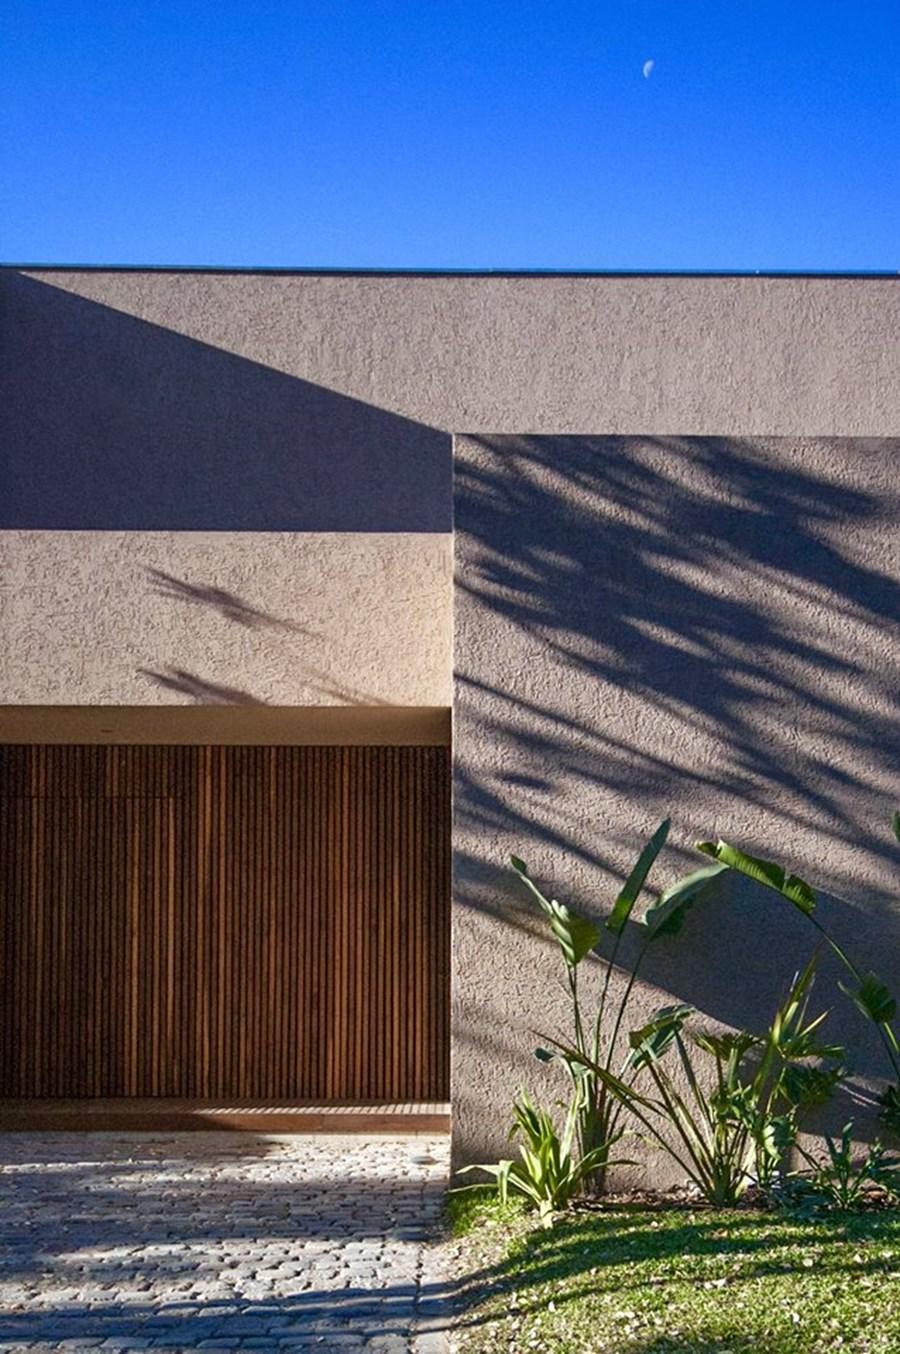 Casa Mirasoles by Andres Fernandez Abadie 22